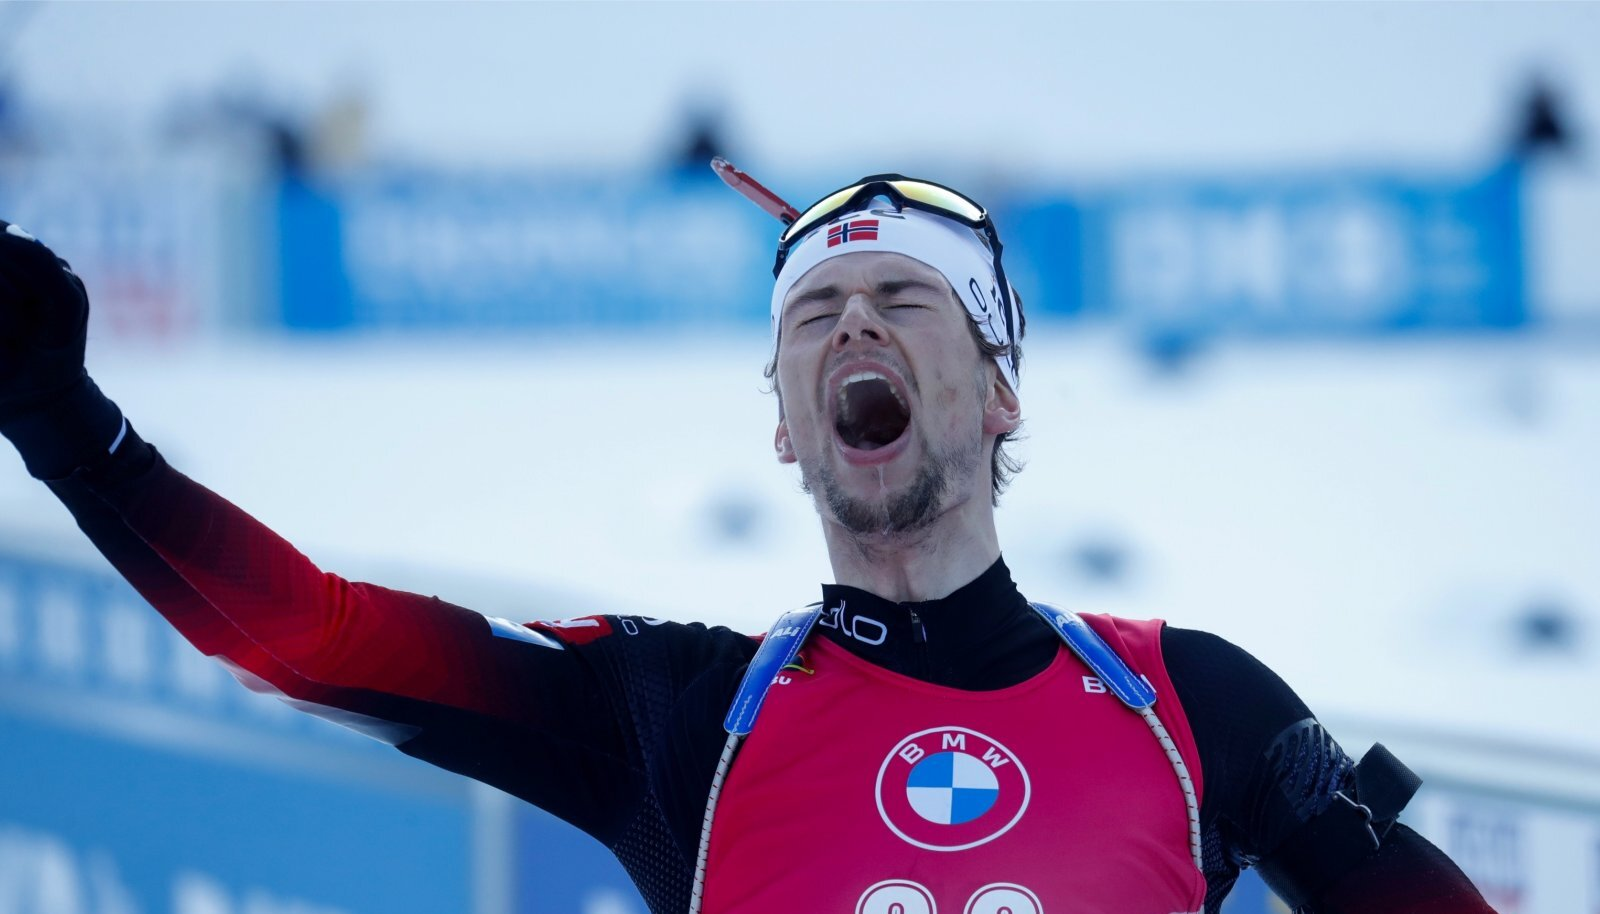 IBU Biathlon World Championships 2021